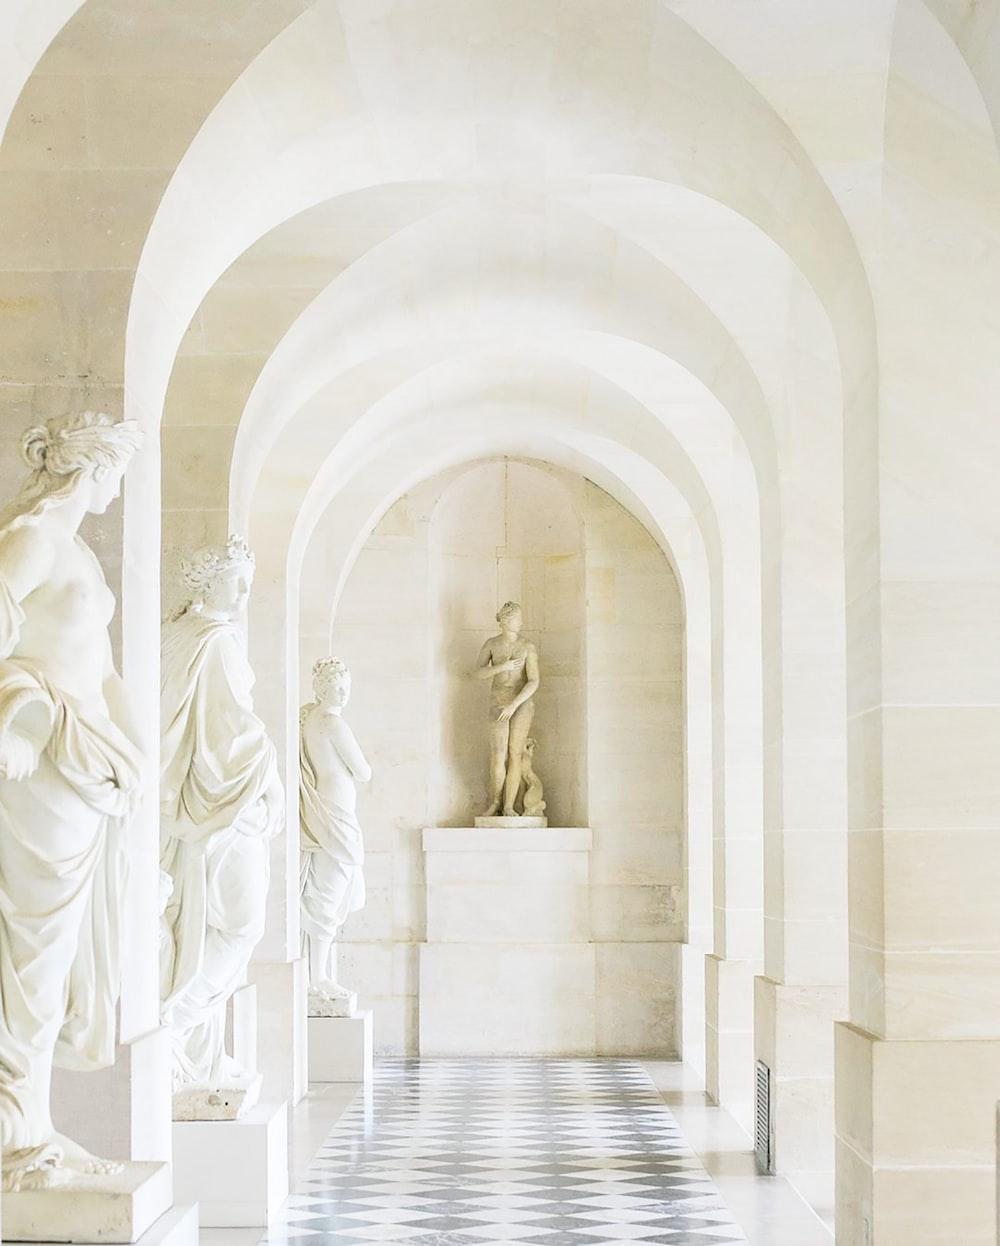 white concrete statue of a man